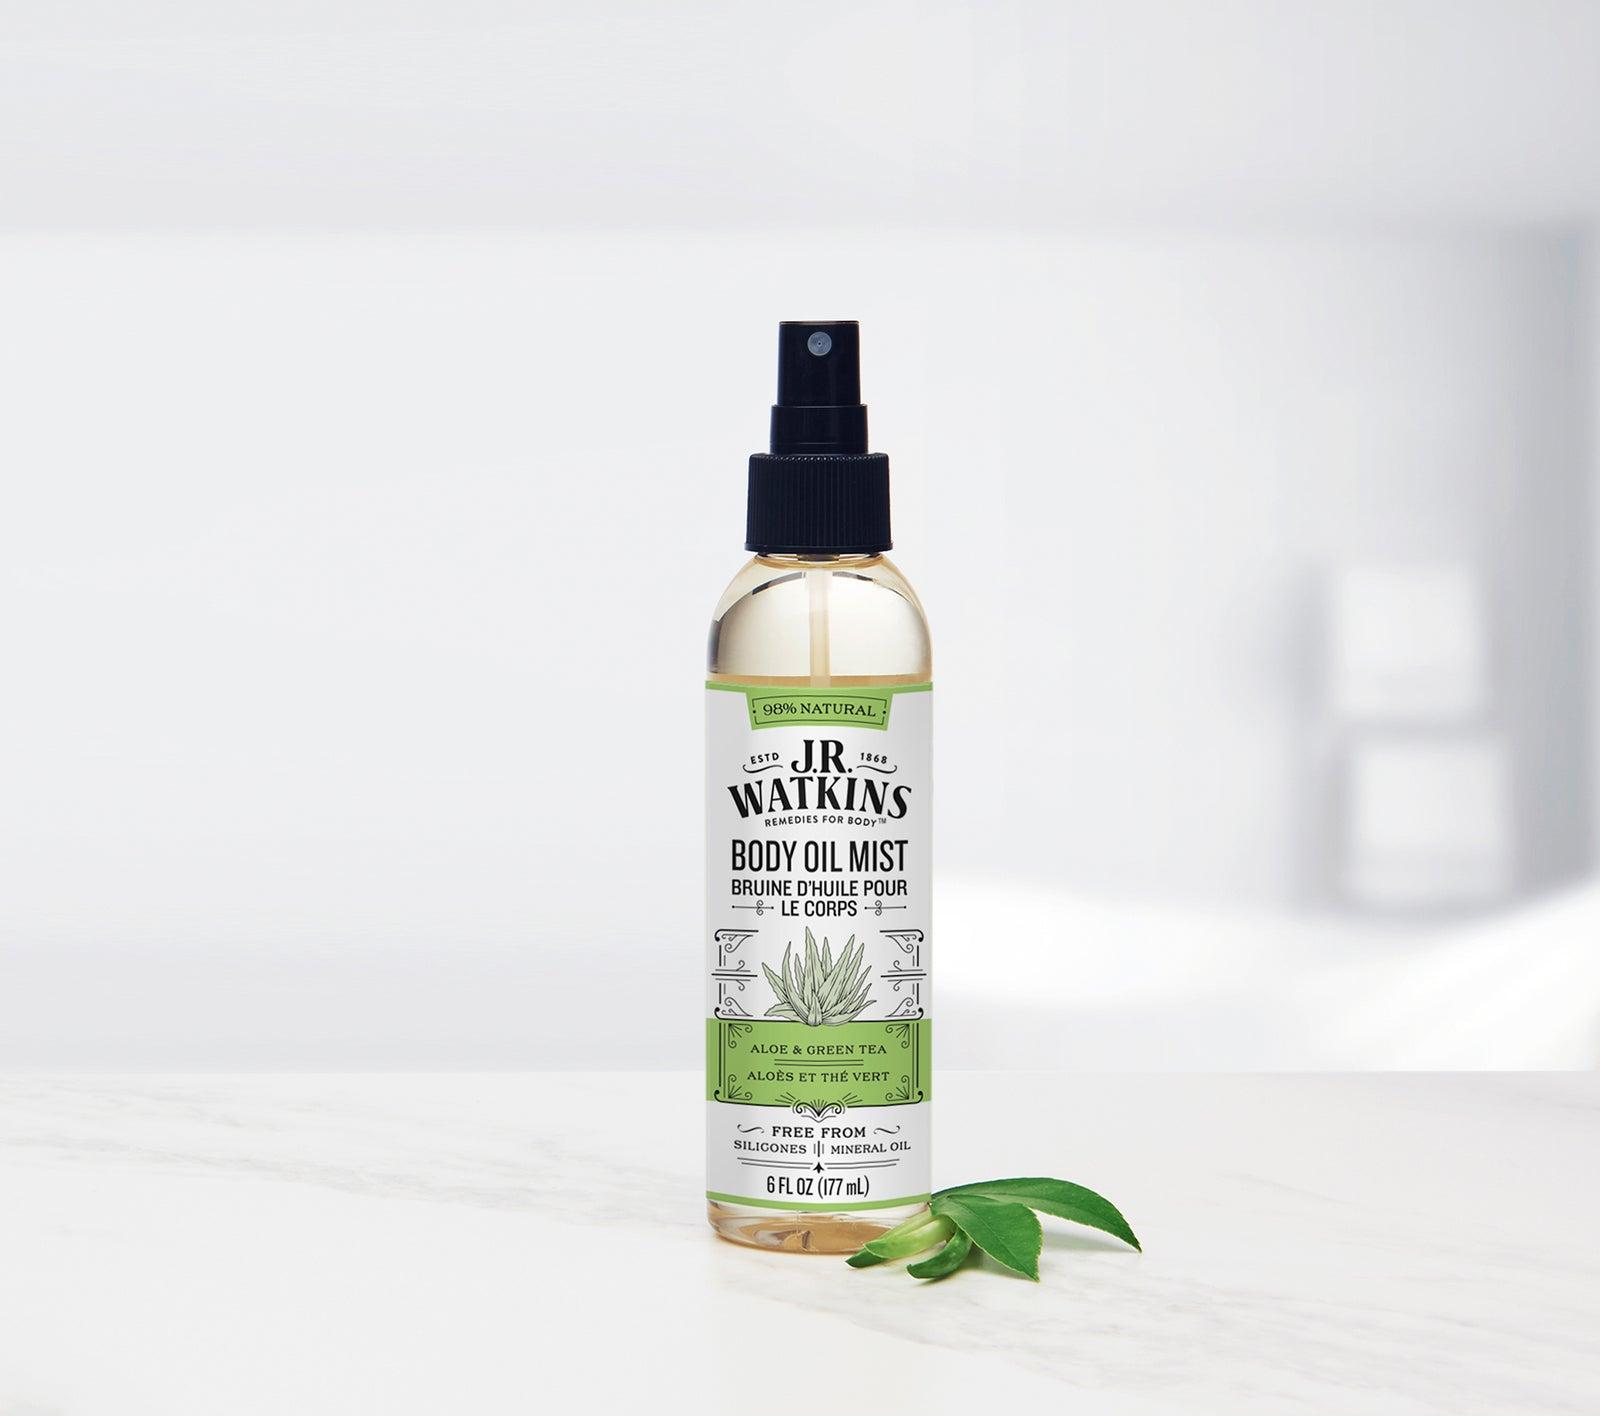 jrwatkins.com - Aloe & Green Tea Body Oil Mist